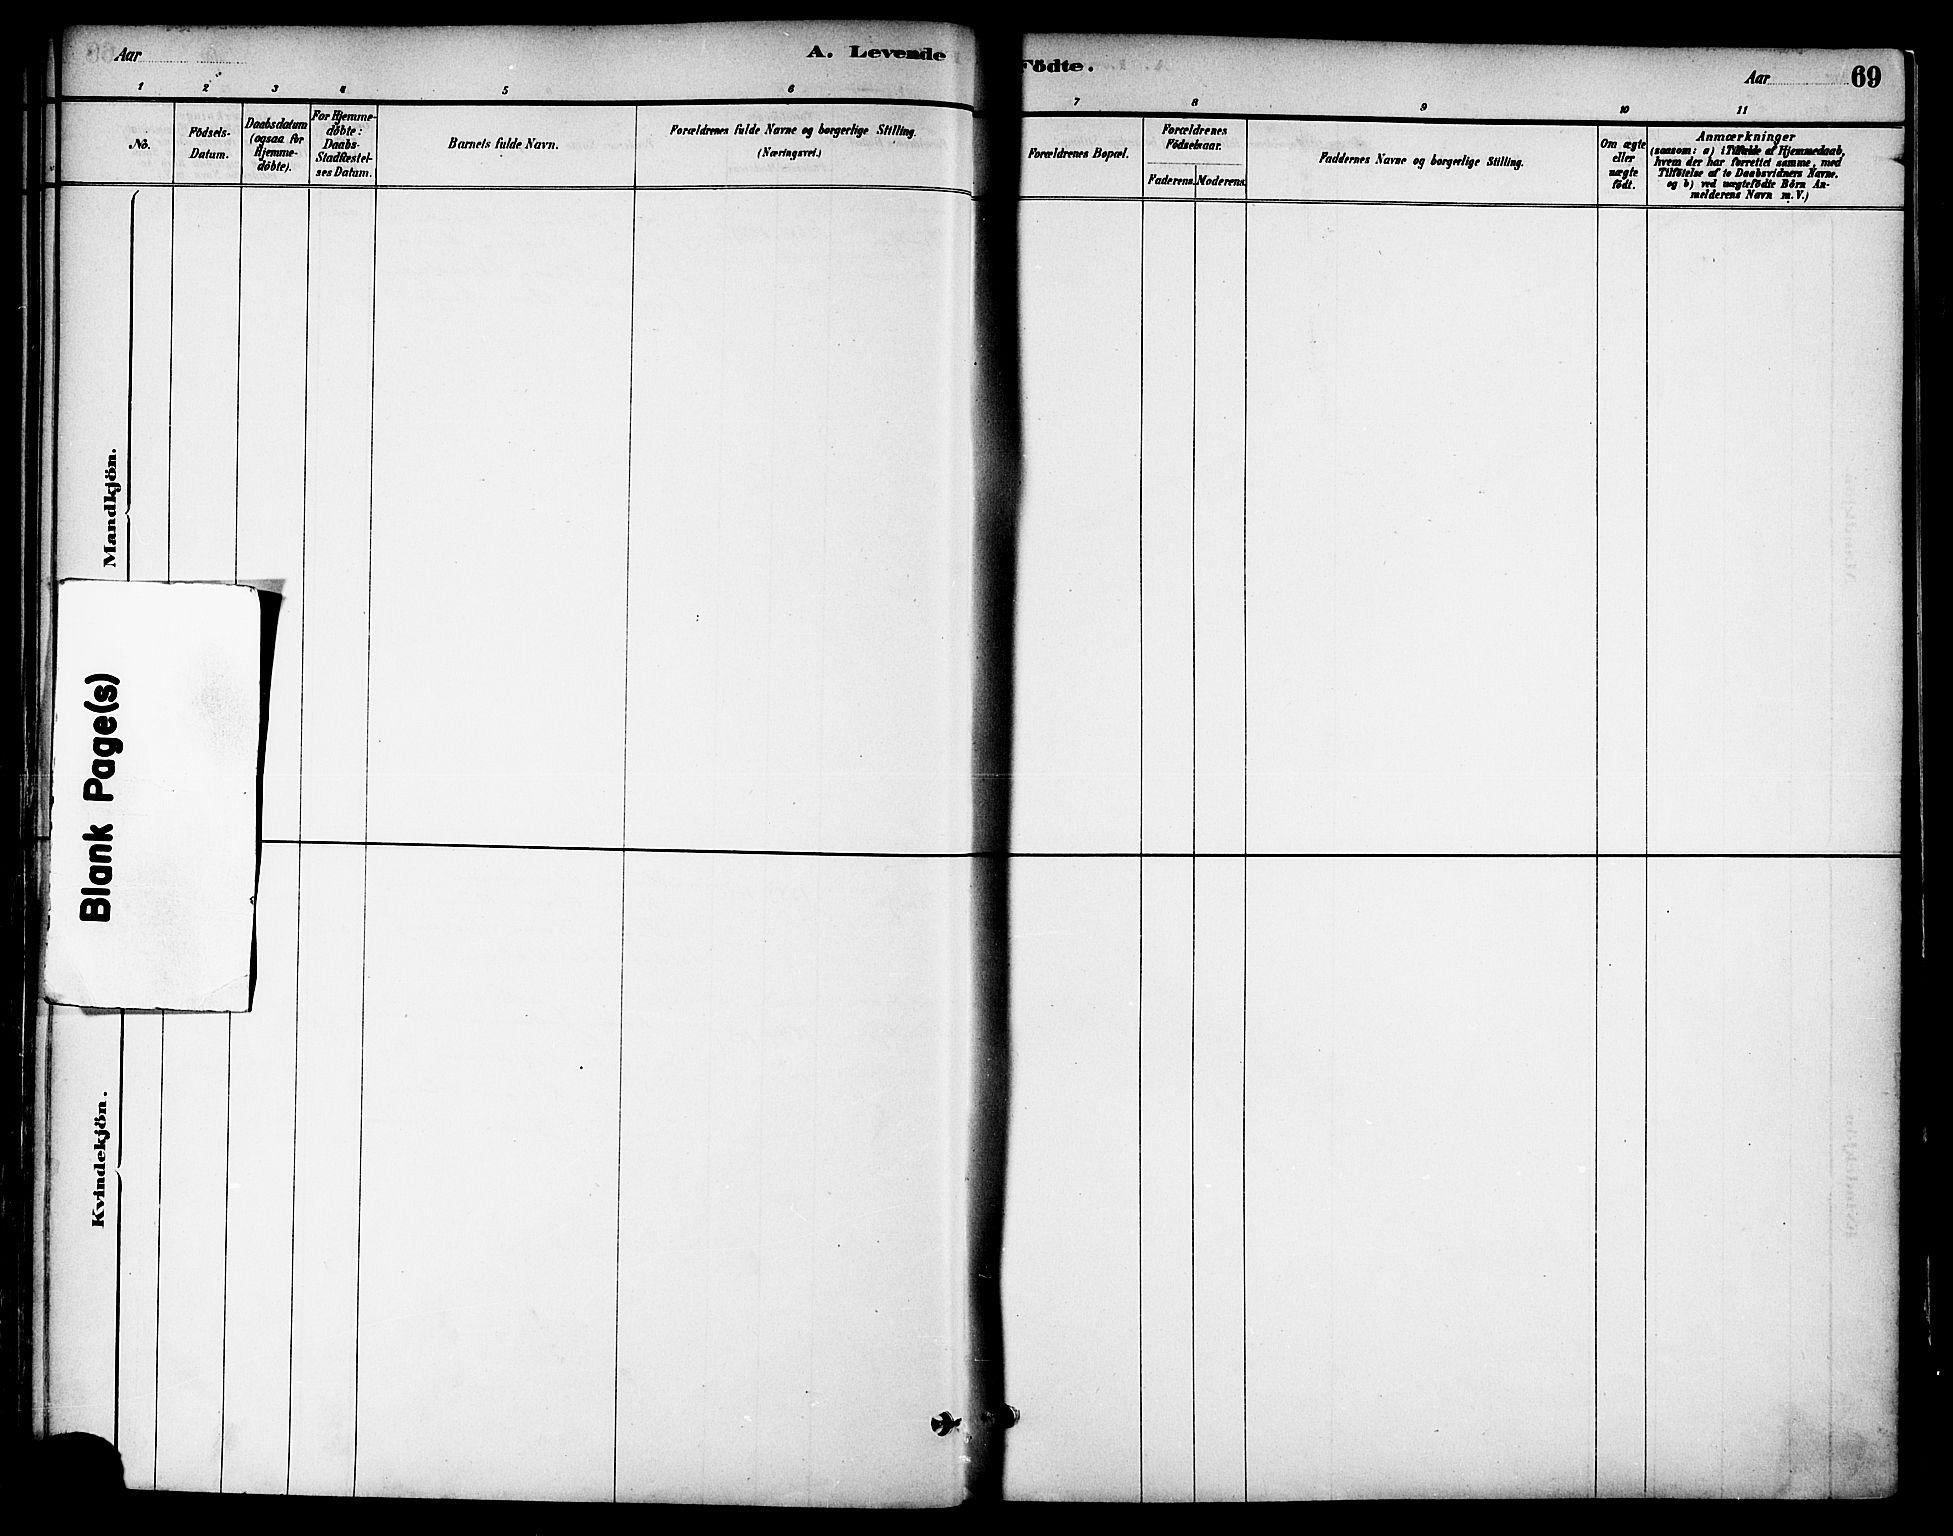 SAT, Ministerialprotokoller, klokkerbøker og fødselsregistre - Nord-Trøndelag, 739/L0371: Ministerialbok nr. 739A03, 1881-1895, s. 69